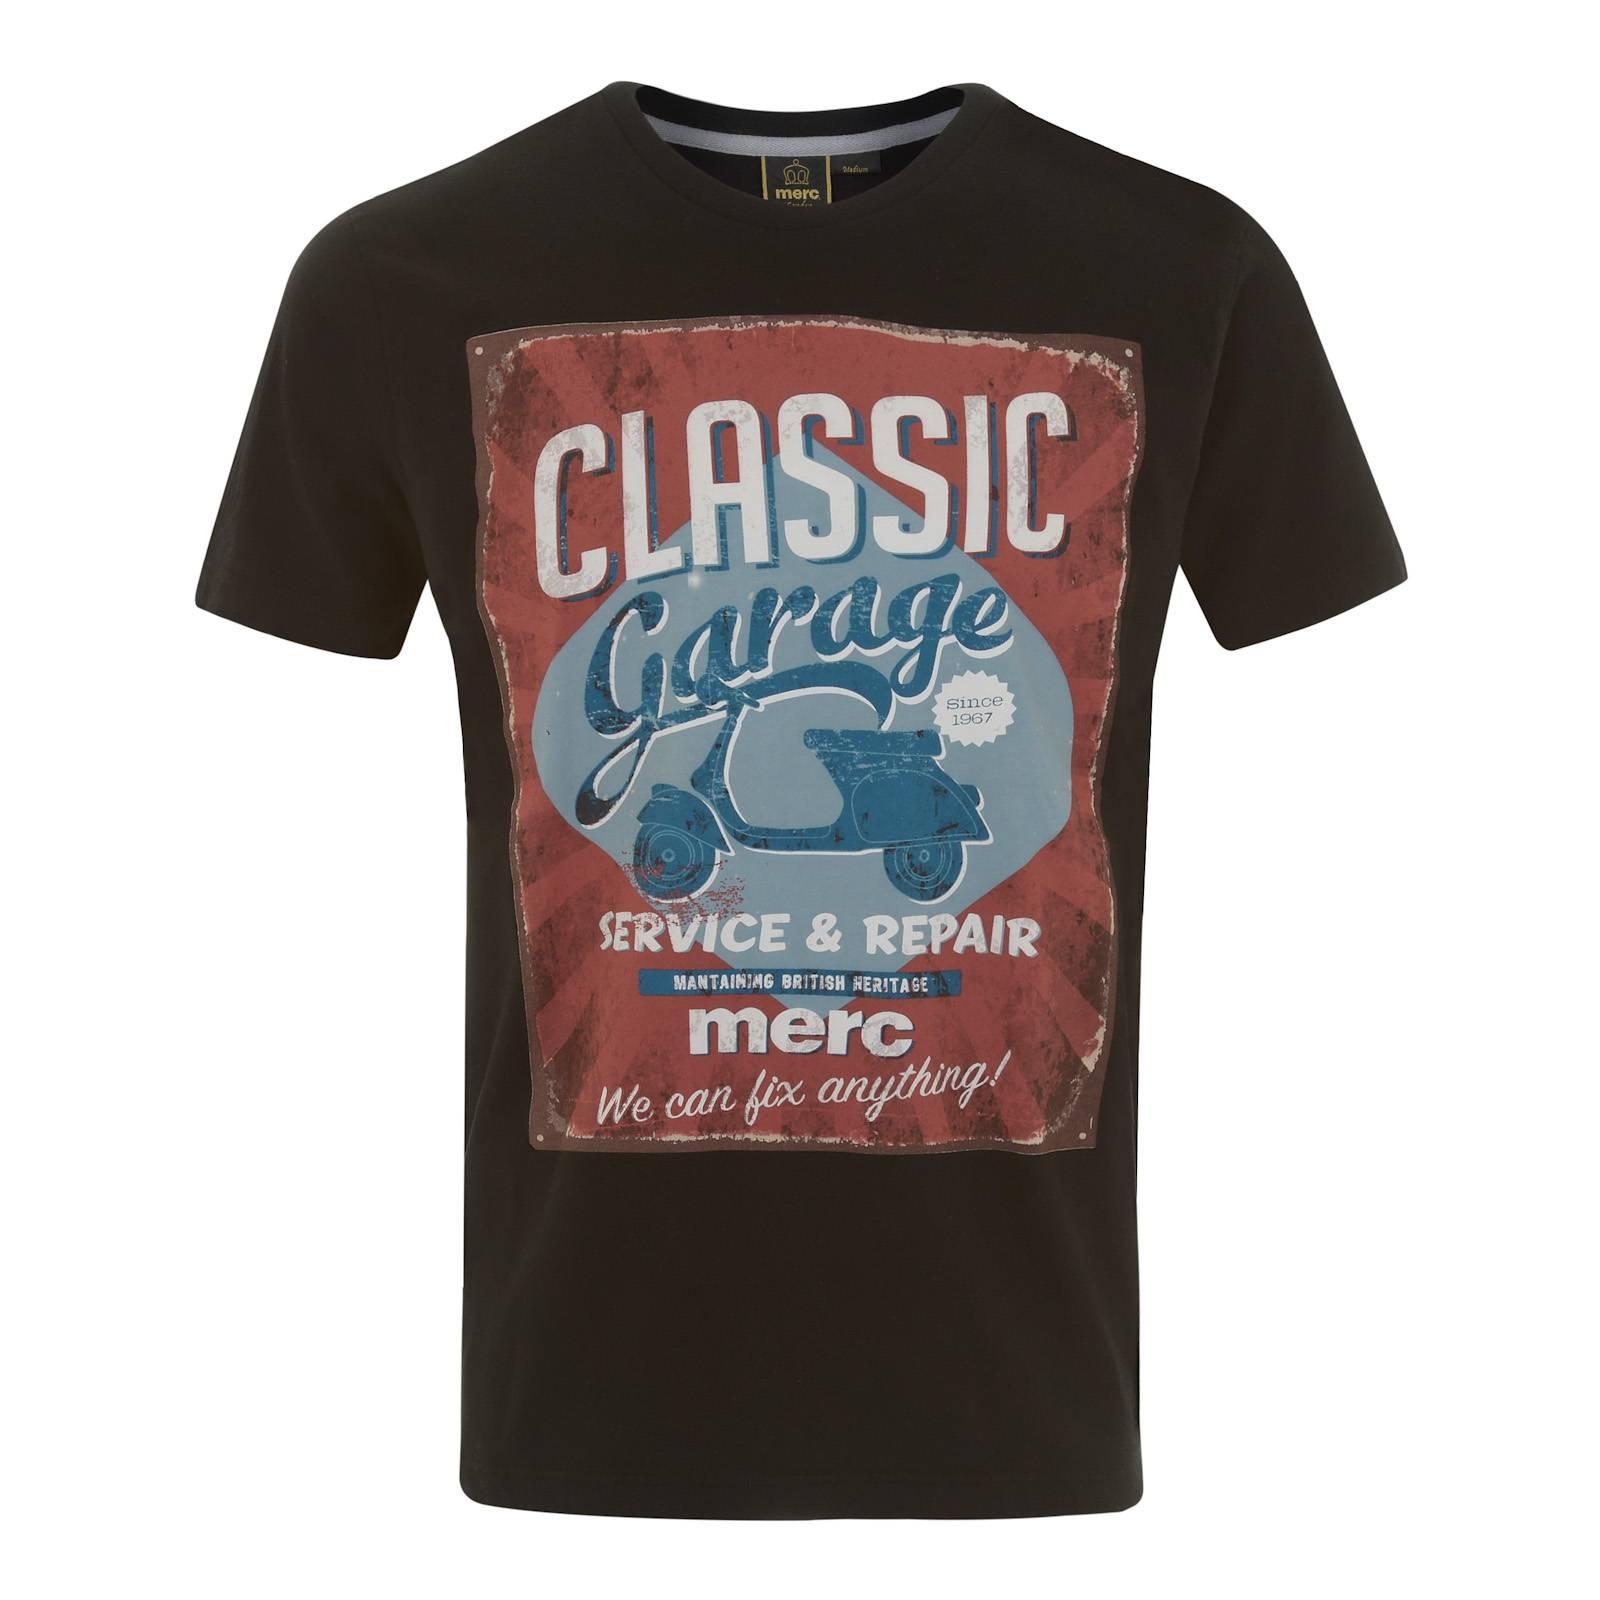 Футболка WaltonФутболки<br>Мужская хлопковая футболка с изображением винтажной рекламы мастерской по ремонту скутеров времен Свингующего Лондона 60-х. Красивое сочетание ретро шрифтов и гармоничное цветовое решение делают эту футболку эффектной частью летнего streetwear лука.<br><br>Артикул: 1715105<br>Материал: 100% хлопок<br>Цвет: черный<br>Пол: Мужской